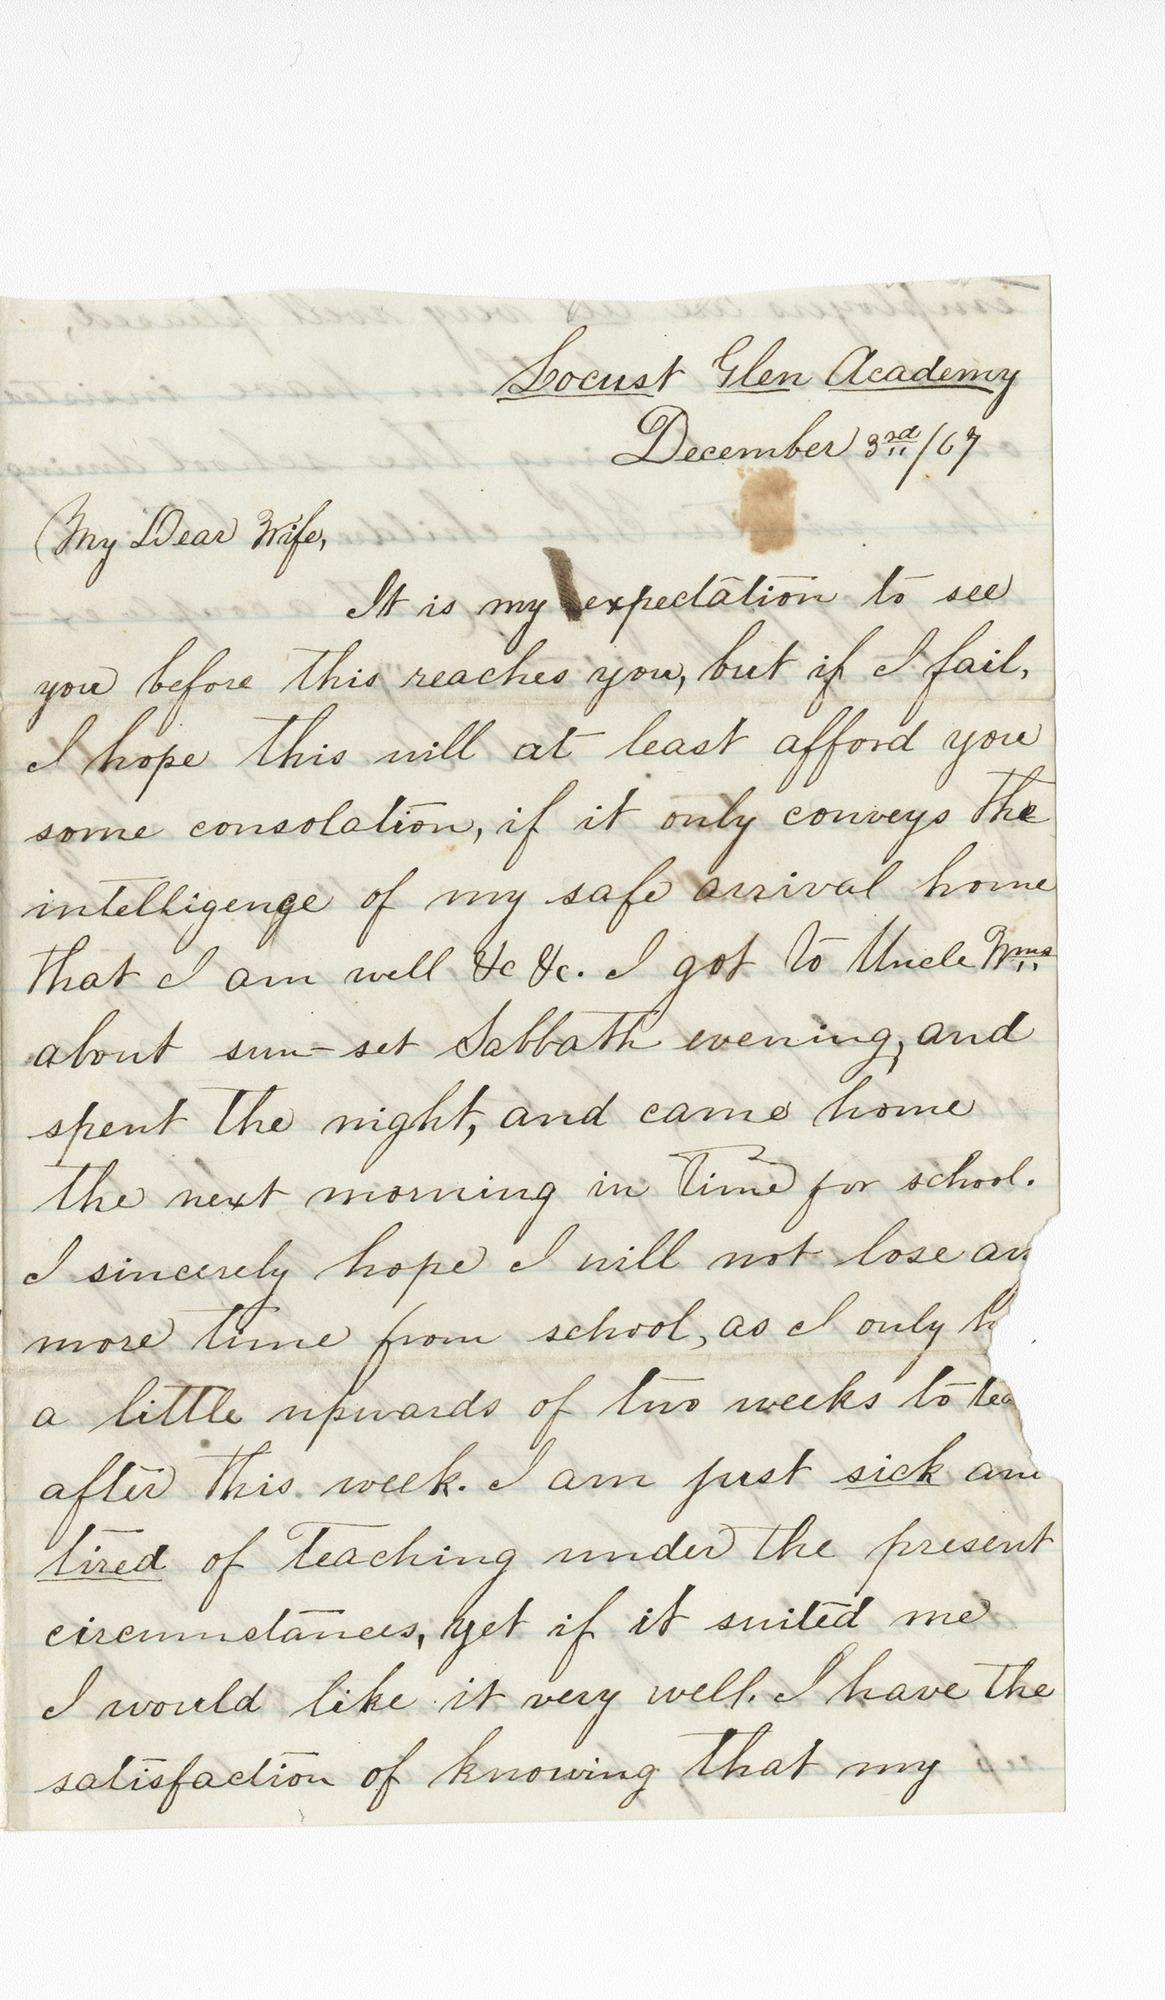 Ms2016-013_HeizerJames_Letter_1867_1203a.jpg